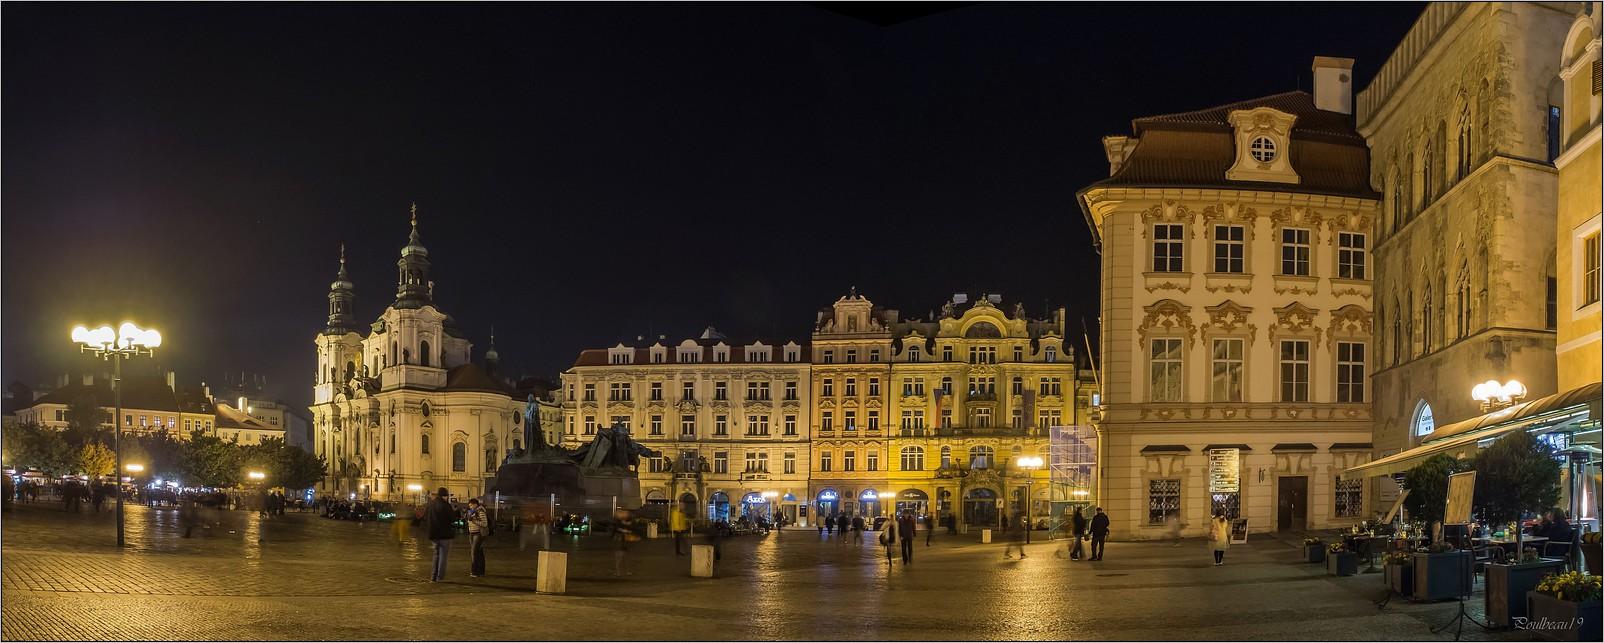 Pour PRAGUE ...suivez la flèche ... + la suite - Page 2 Pb_548-423a2af